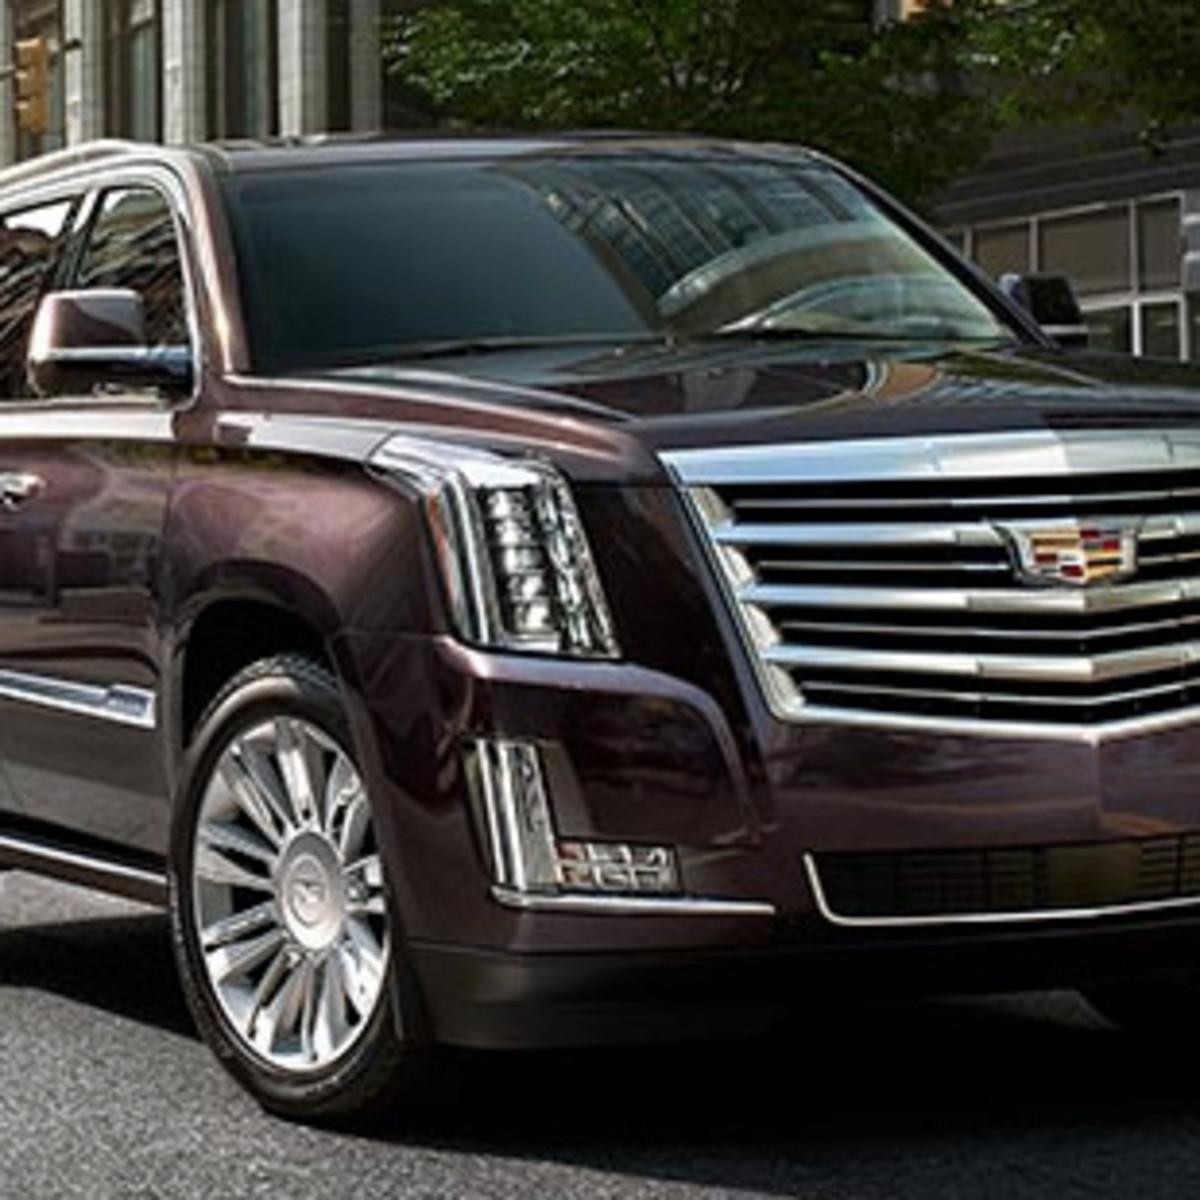 Houston, 2015 Cadillac Escalade, October 2015